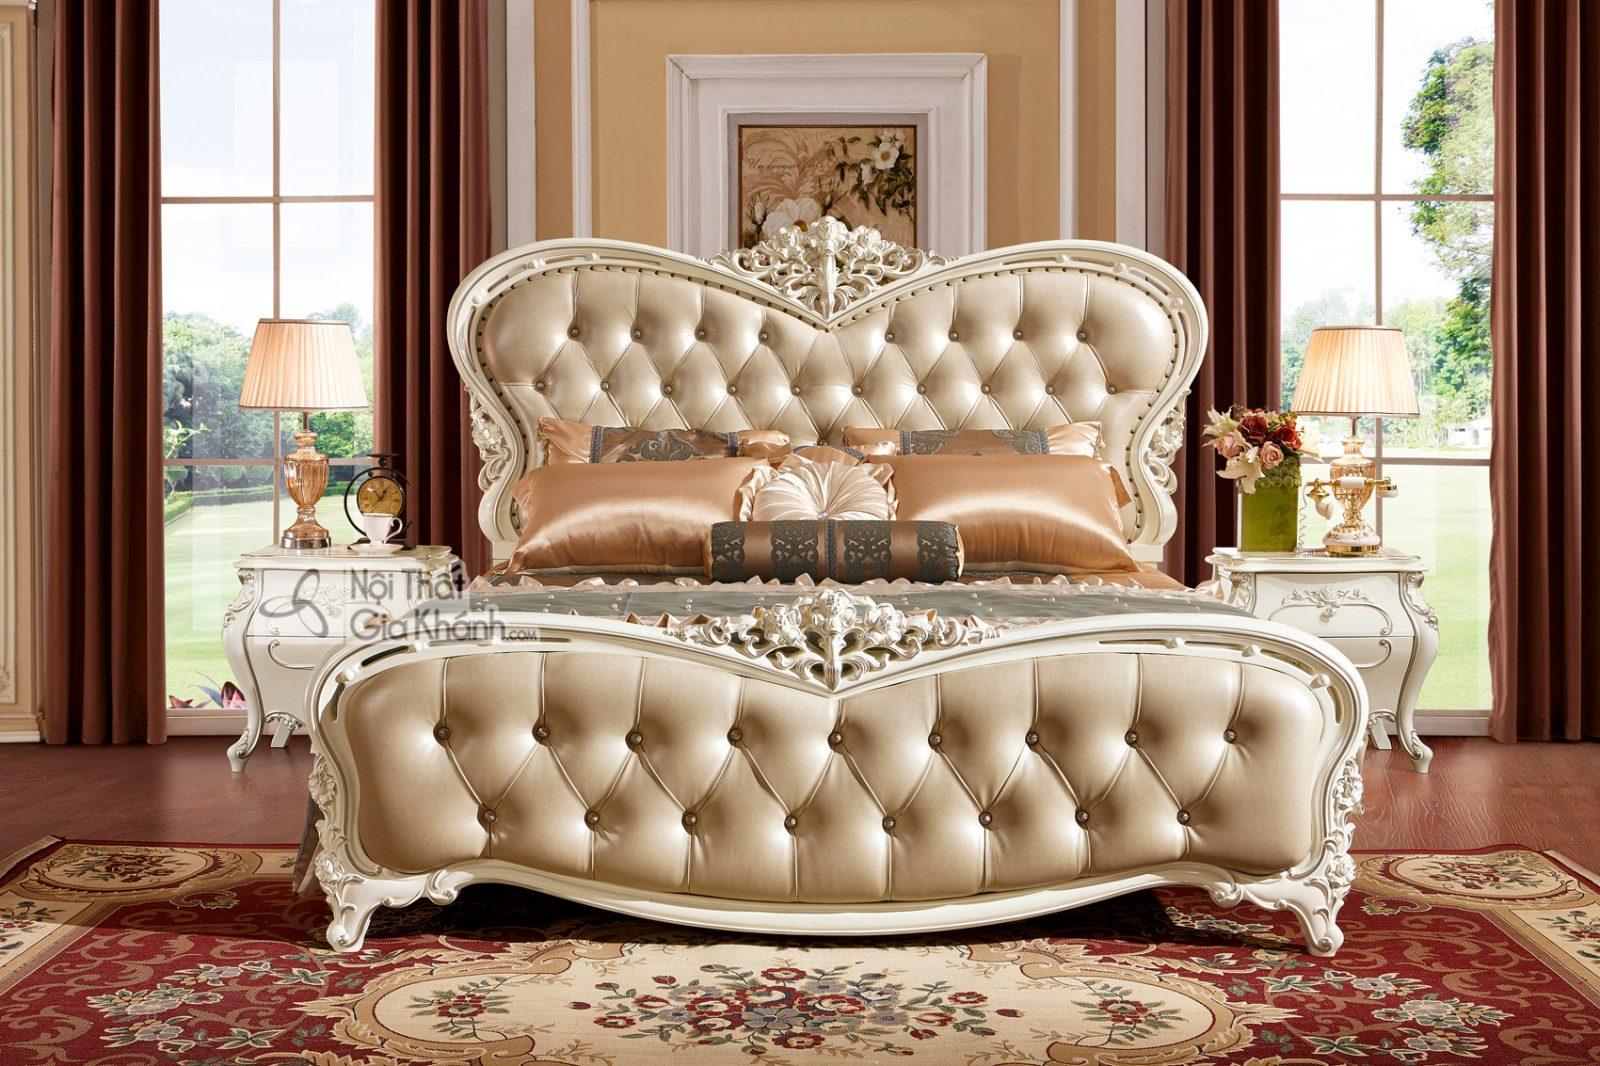 Giường Ngủ Tân Cổ Điển Màu Trắng Ngọc Trai Phong Cách Hoàng Gia Gi8836H